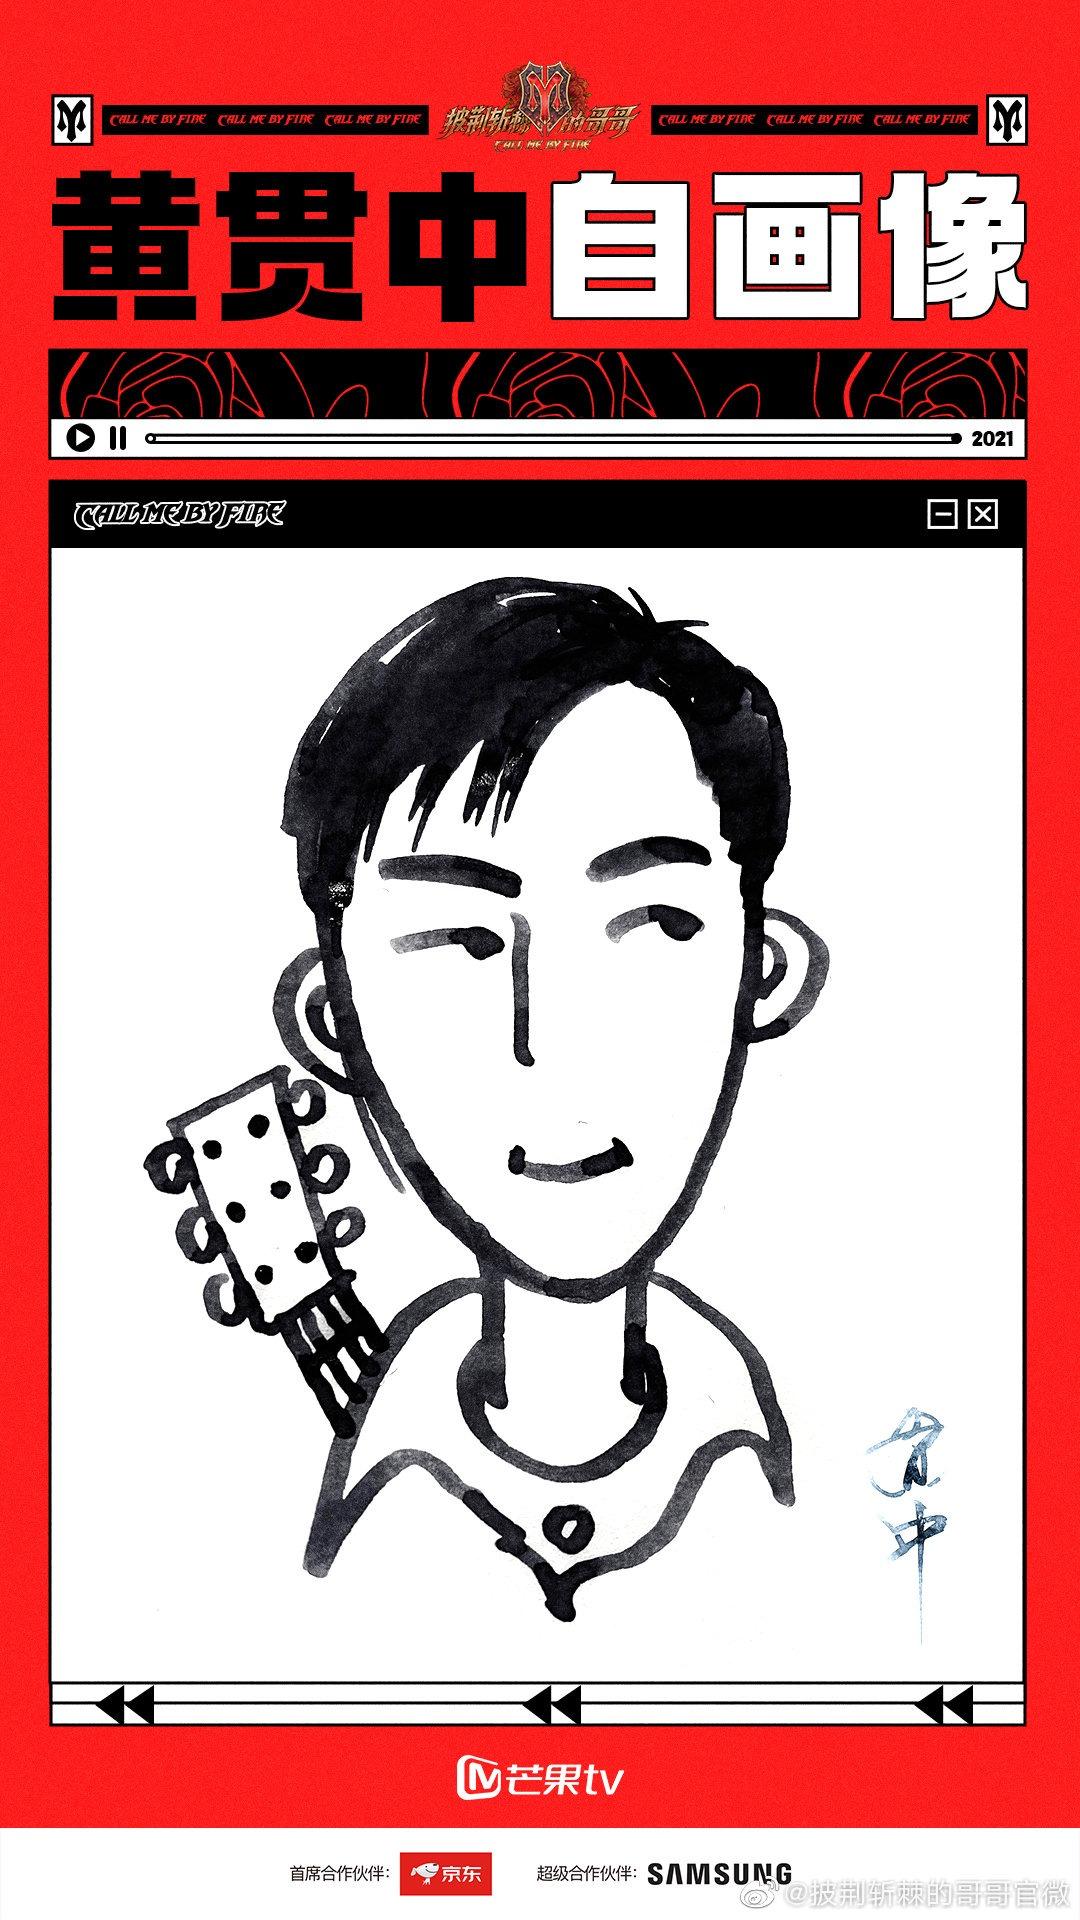 来围观《哥哥》32位哥哥的自画像!黄贯中是被音乐耽误的画家无误!张智霖的最经典!-Woah.MY